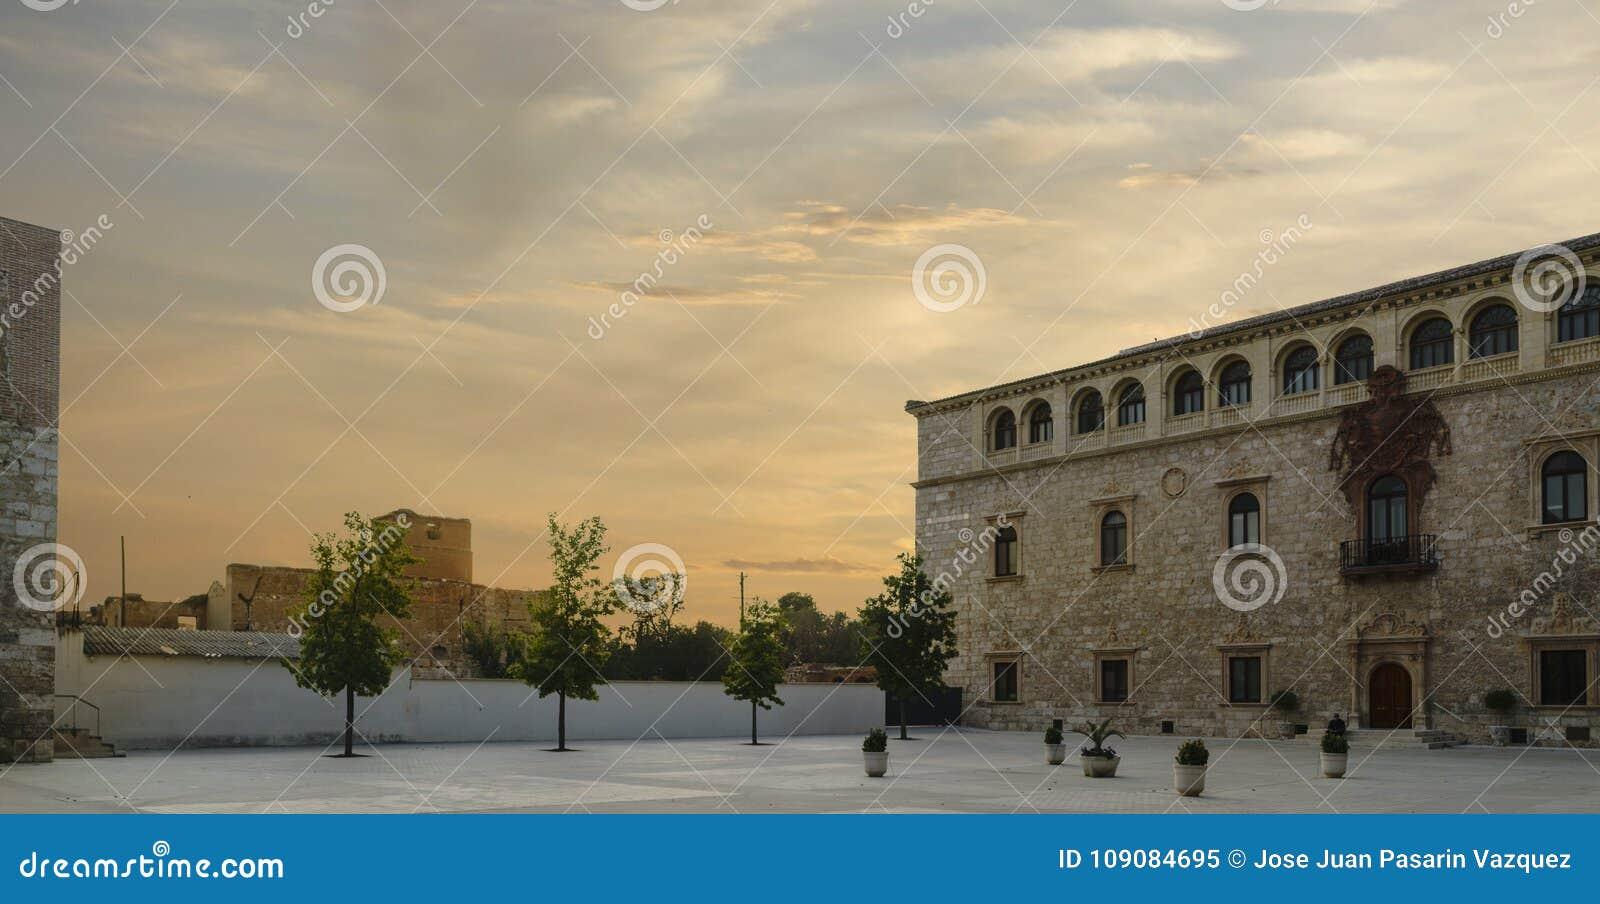 Solnedgång som ses från borggården av slotten för ärkebiskop` s i Alcala de Henares, Spanien, sikt av den huvudsakliga fasaden